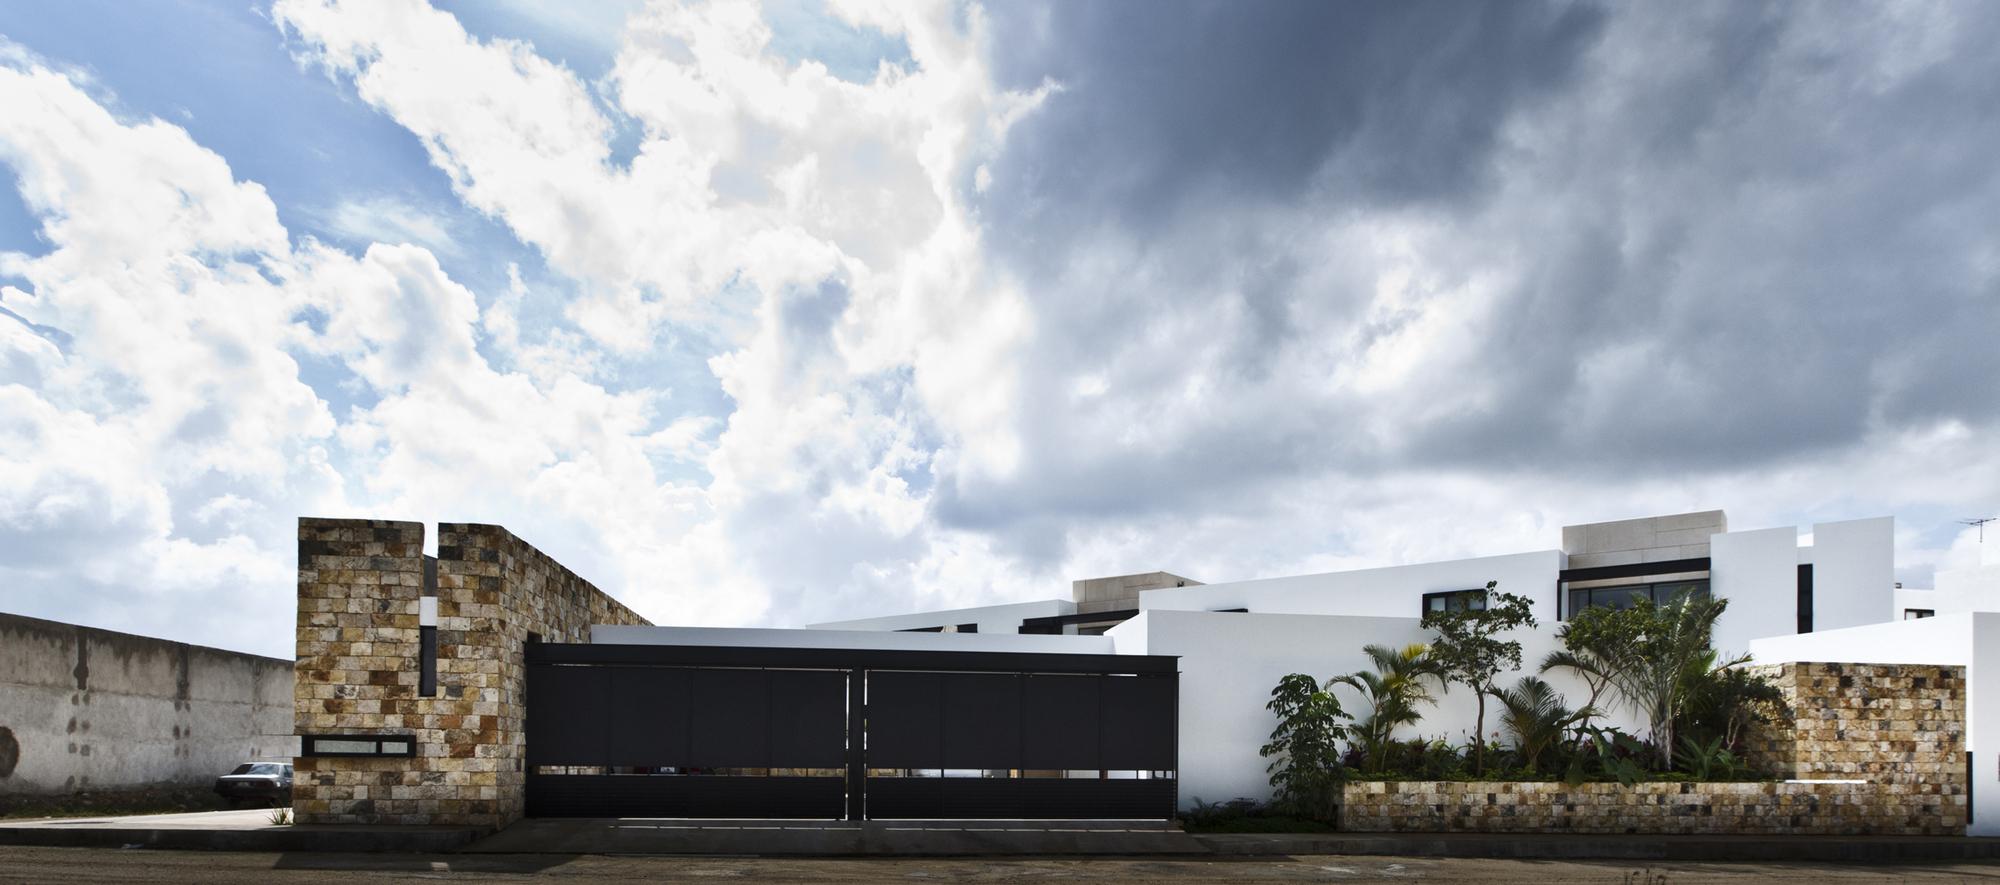 5305f3a8e8e44ed91b000002_temozon-house-carrillo-arquitectos-y-asociados_temozon_foto_02